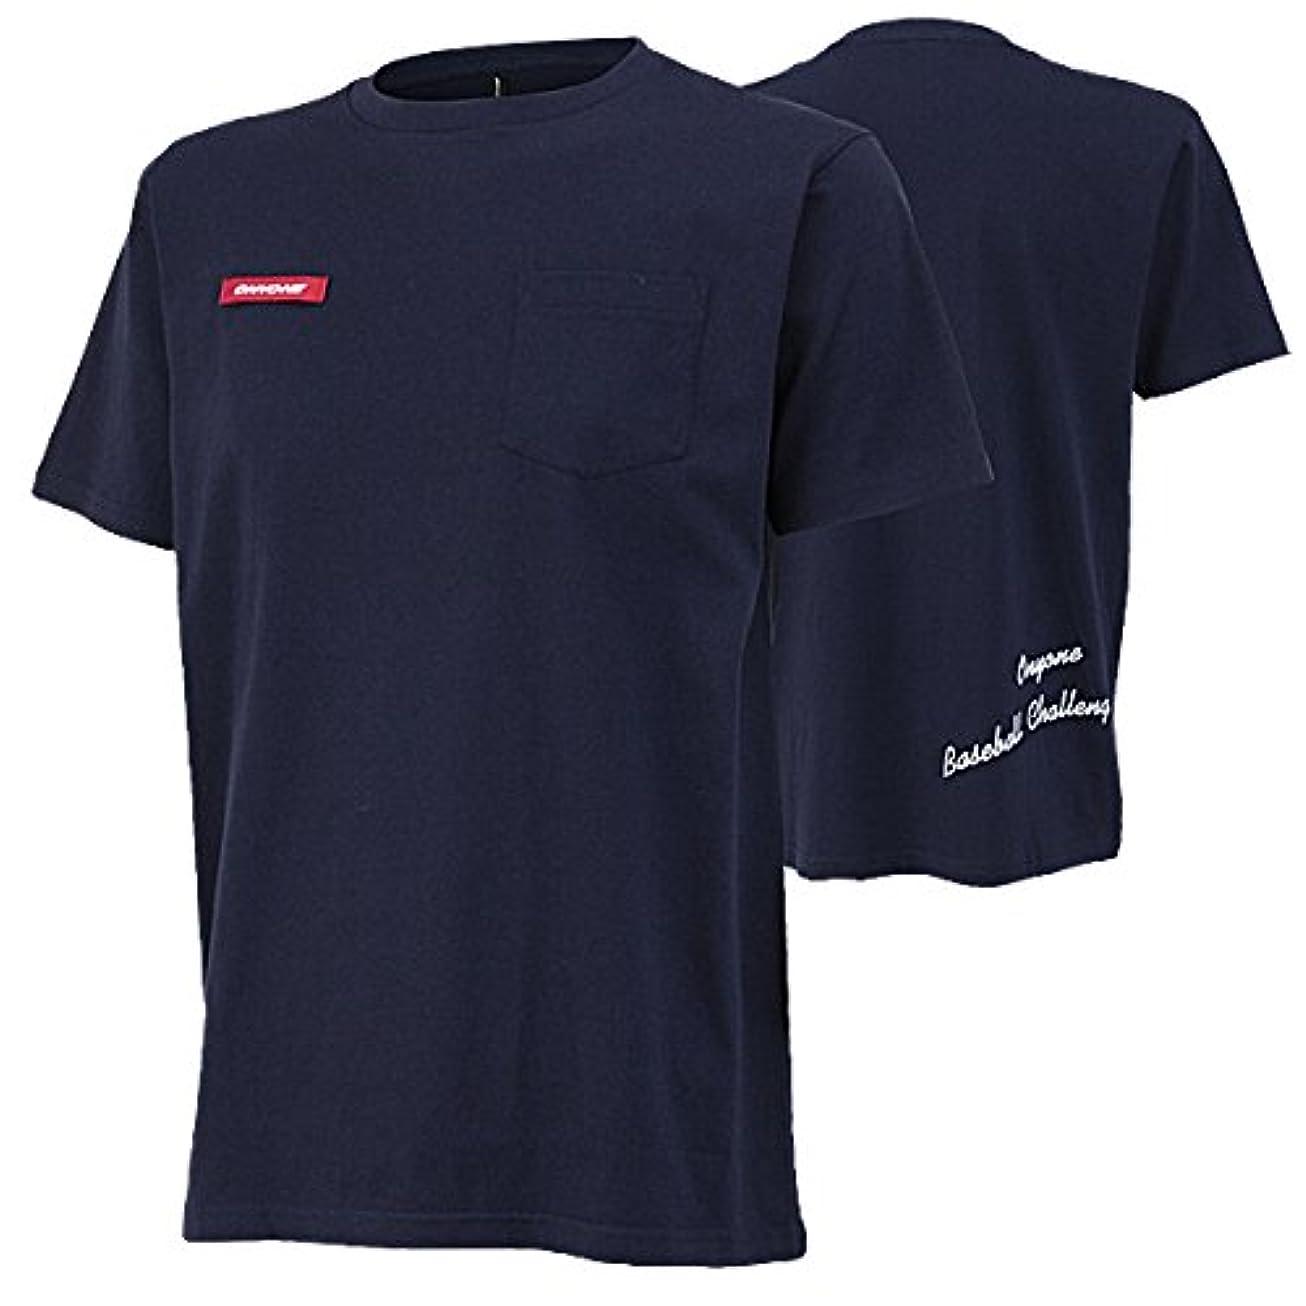 ベンチャースーツケース撤退オンヨネ ウェア ポケット Tシャツ 半袖 OKJ99324